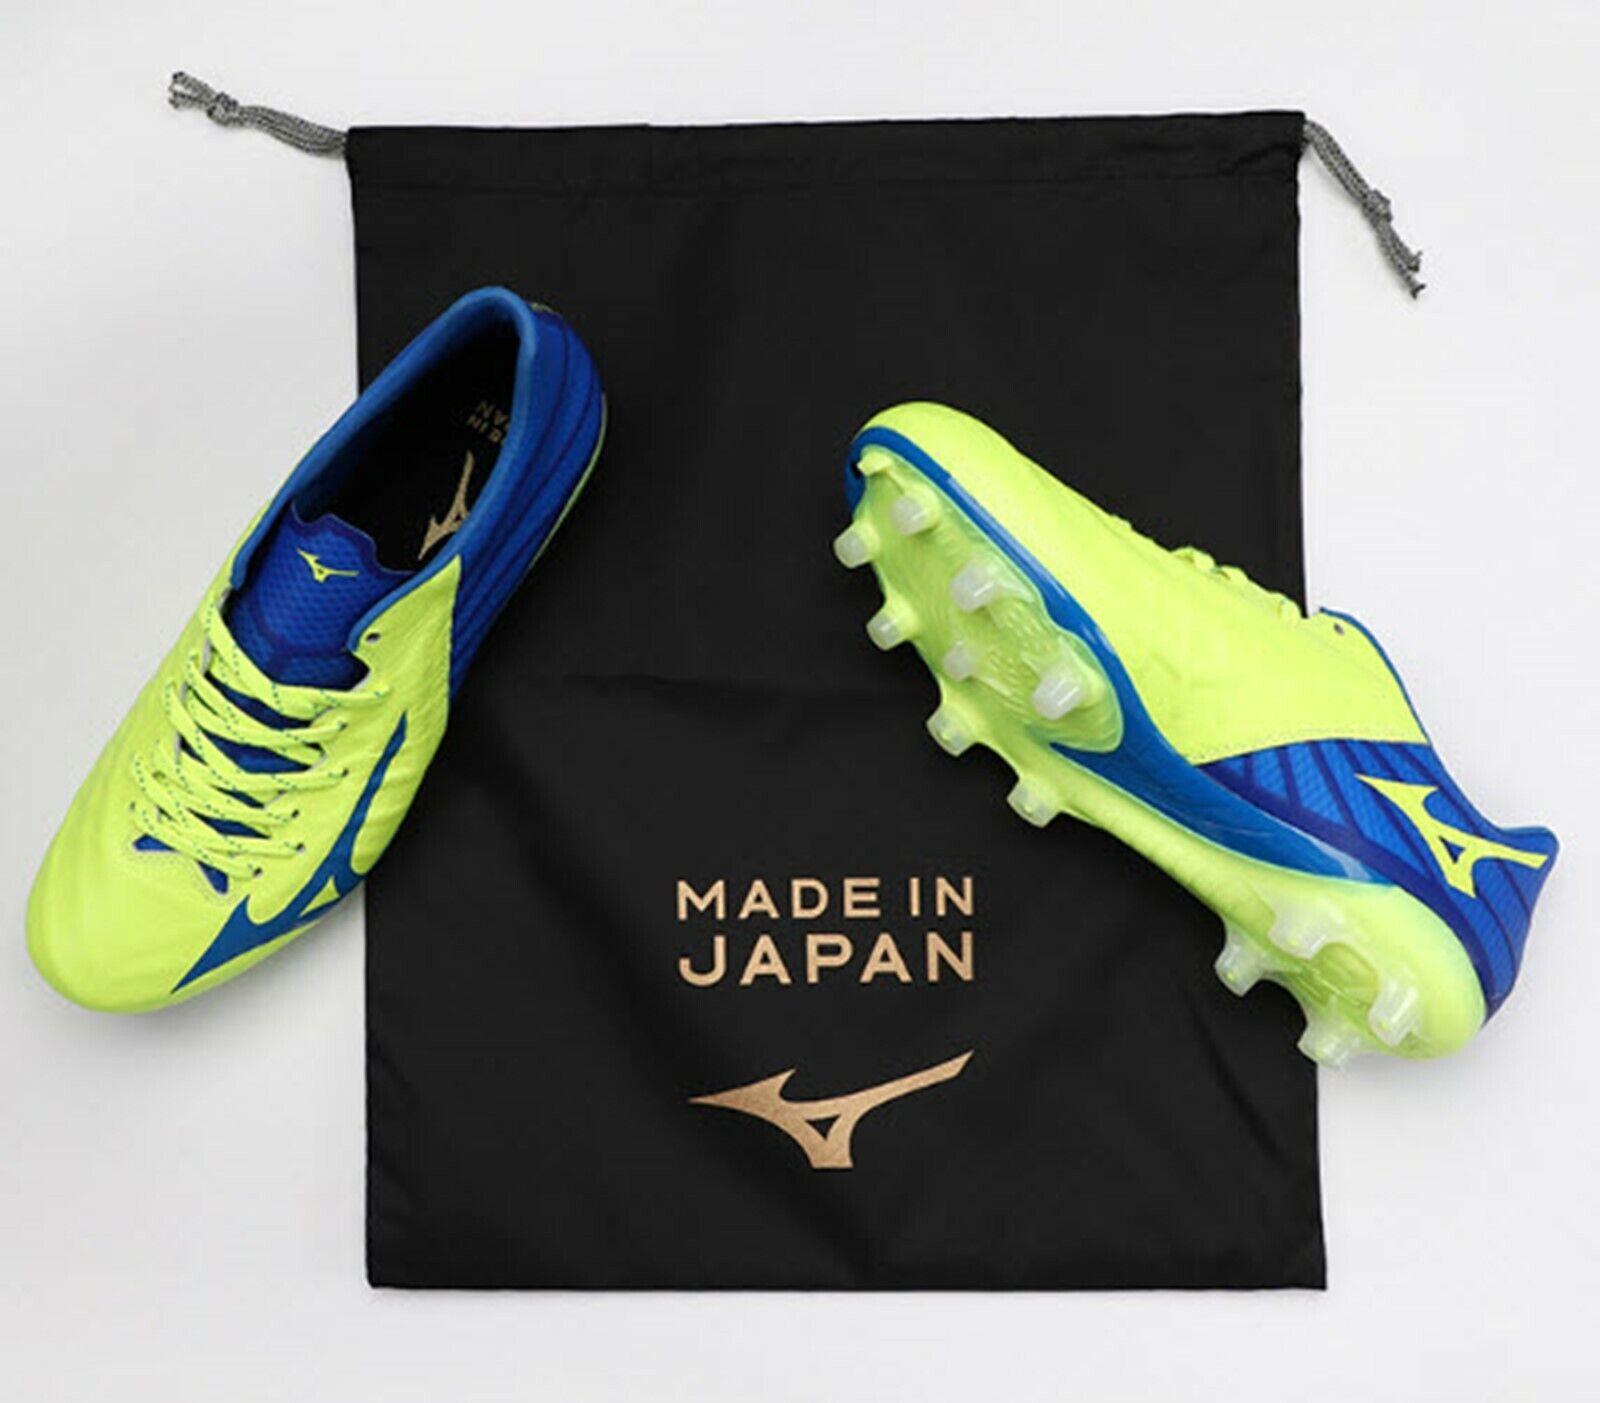 Mizuno Hombre Rebula 3 Japón Botines De Fútbol Azul Lima fútbol Spike Zapato P1GA196023